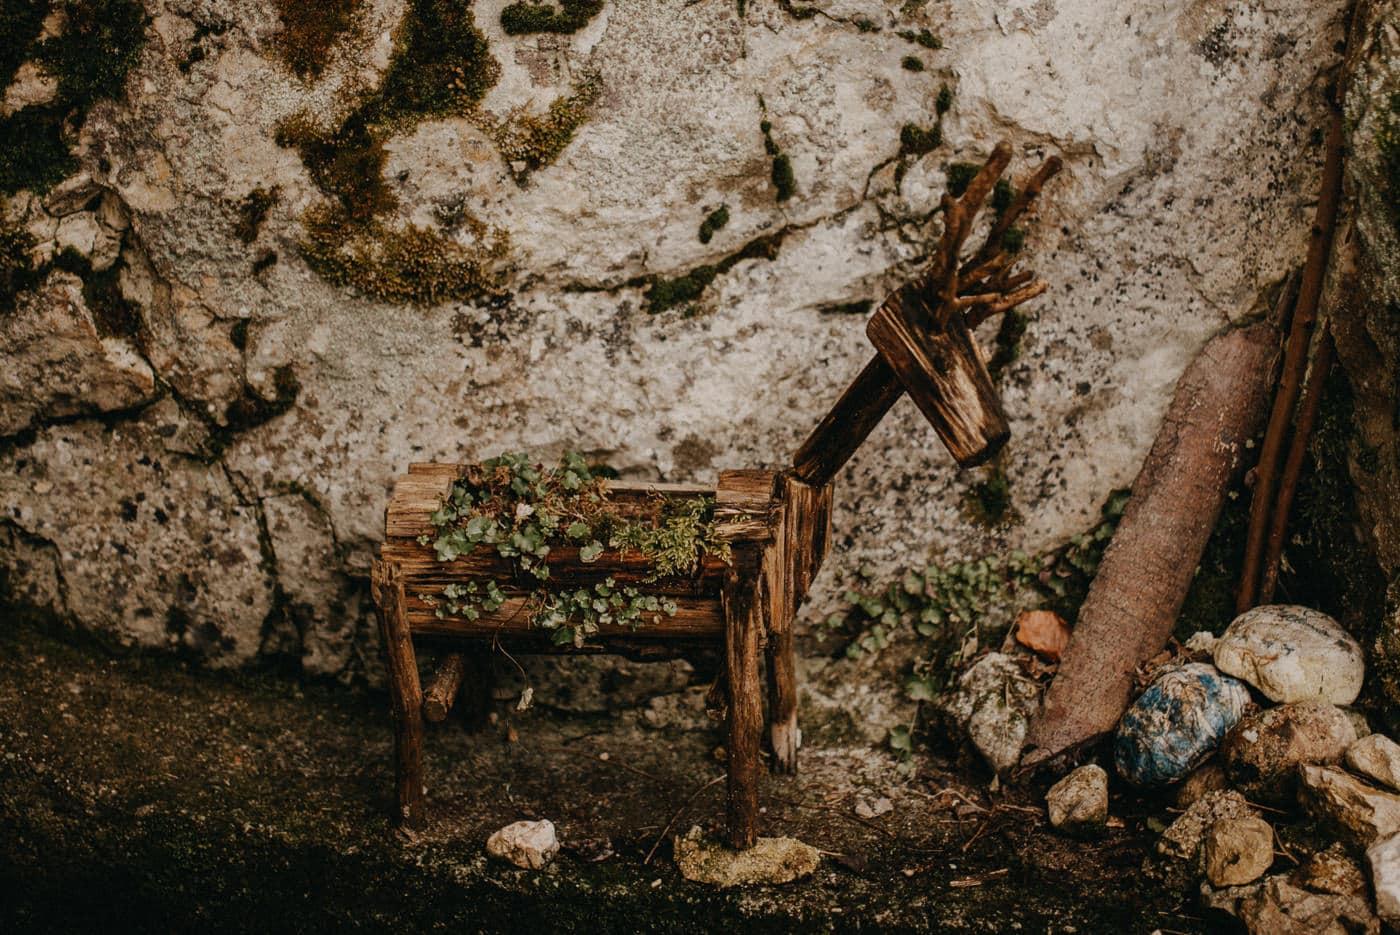 hochzeitsfotograf hallstatt wedding photographer austria 017 - Hallstatt Engagement Session & Secret Proposal